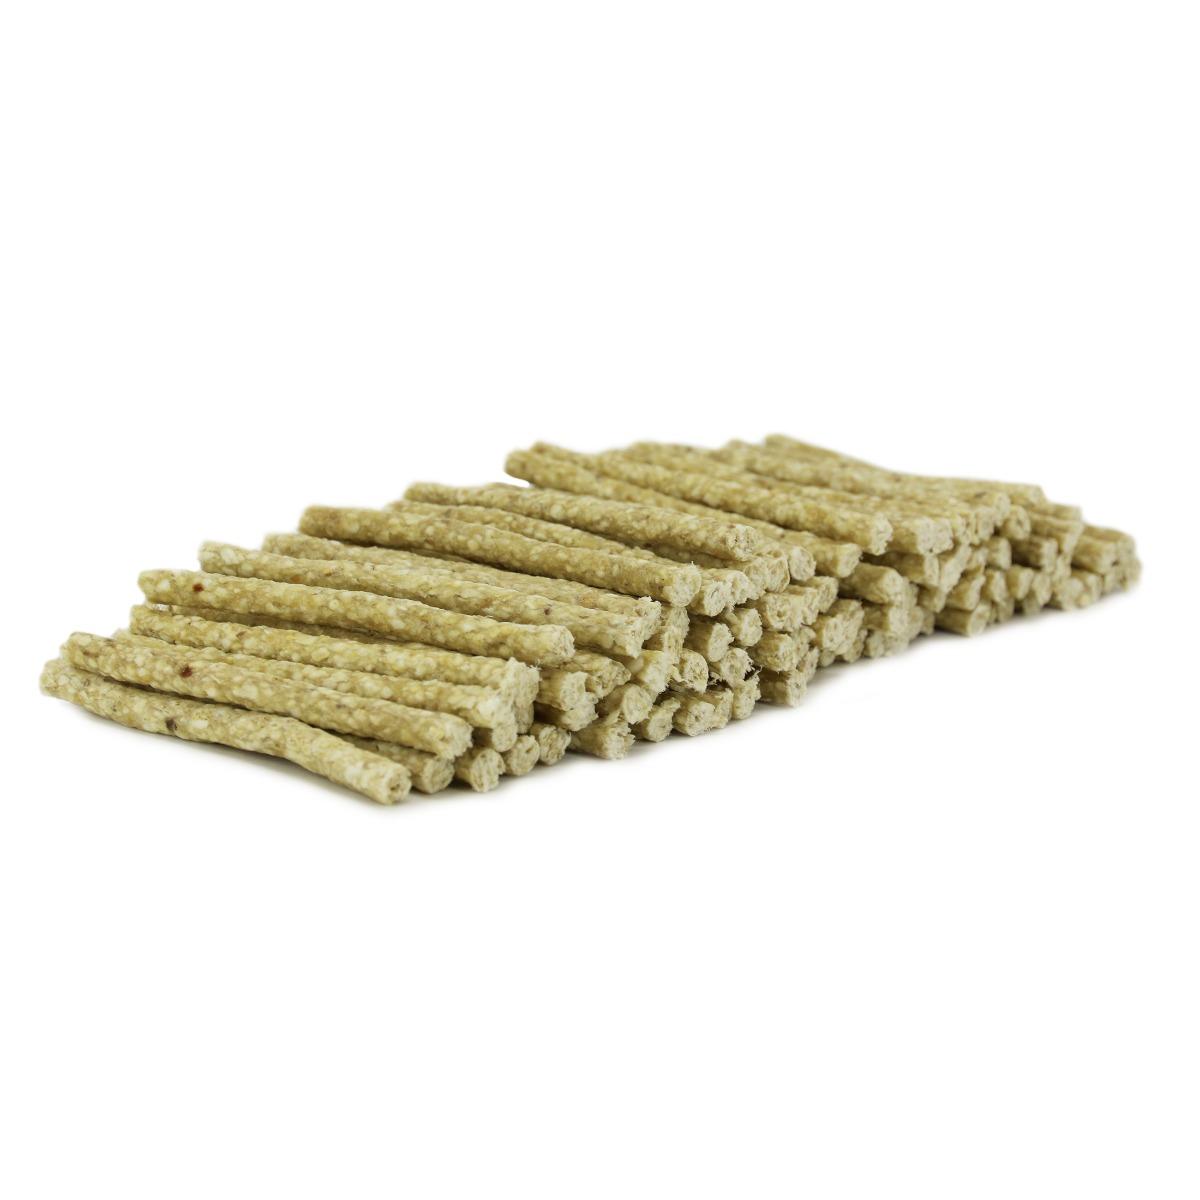 ca. 13 cm. voordeelzak 100 stuks. geperste stick uit verschillende dierlijke producten. heerlijke natuurlijke kauwsnack. zeer geschikt als verantwoord tussendoortje of beloningsnack Verstevigd het tandvlees en helpt tandplak voorkomen.